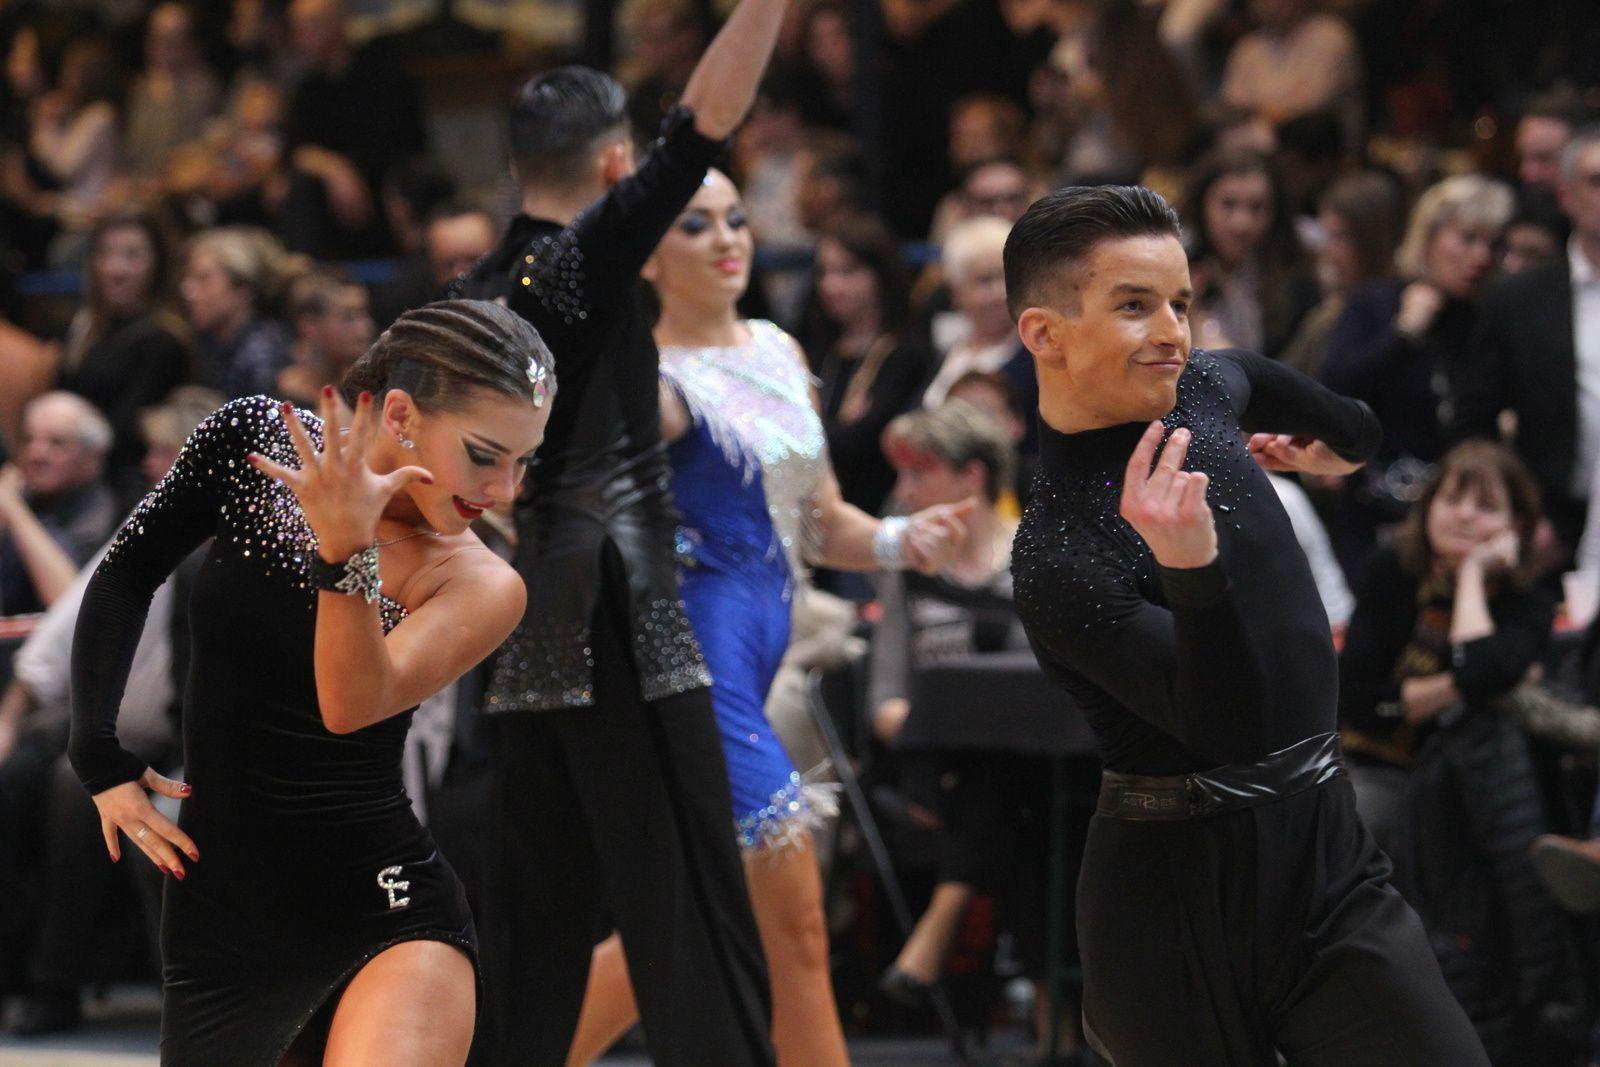 Pour la première fois les championnats de France de danses latines ont lieu sur la commune